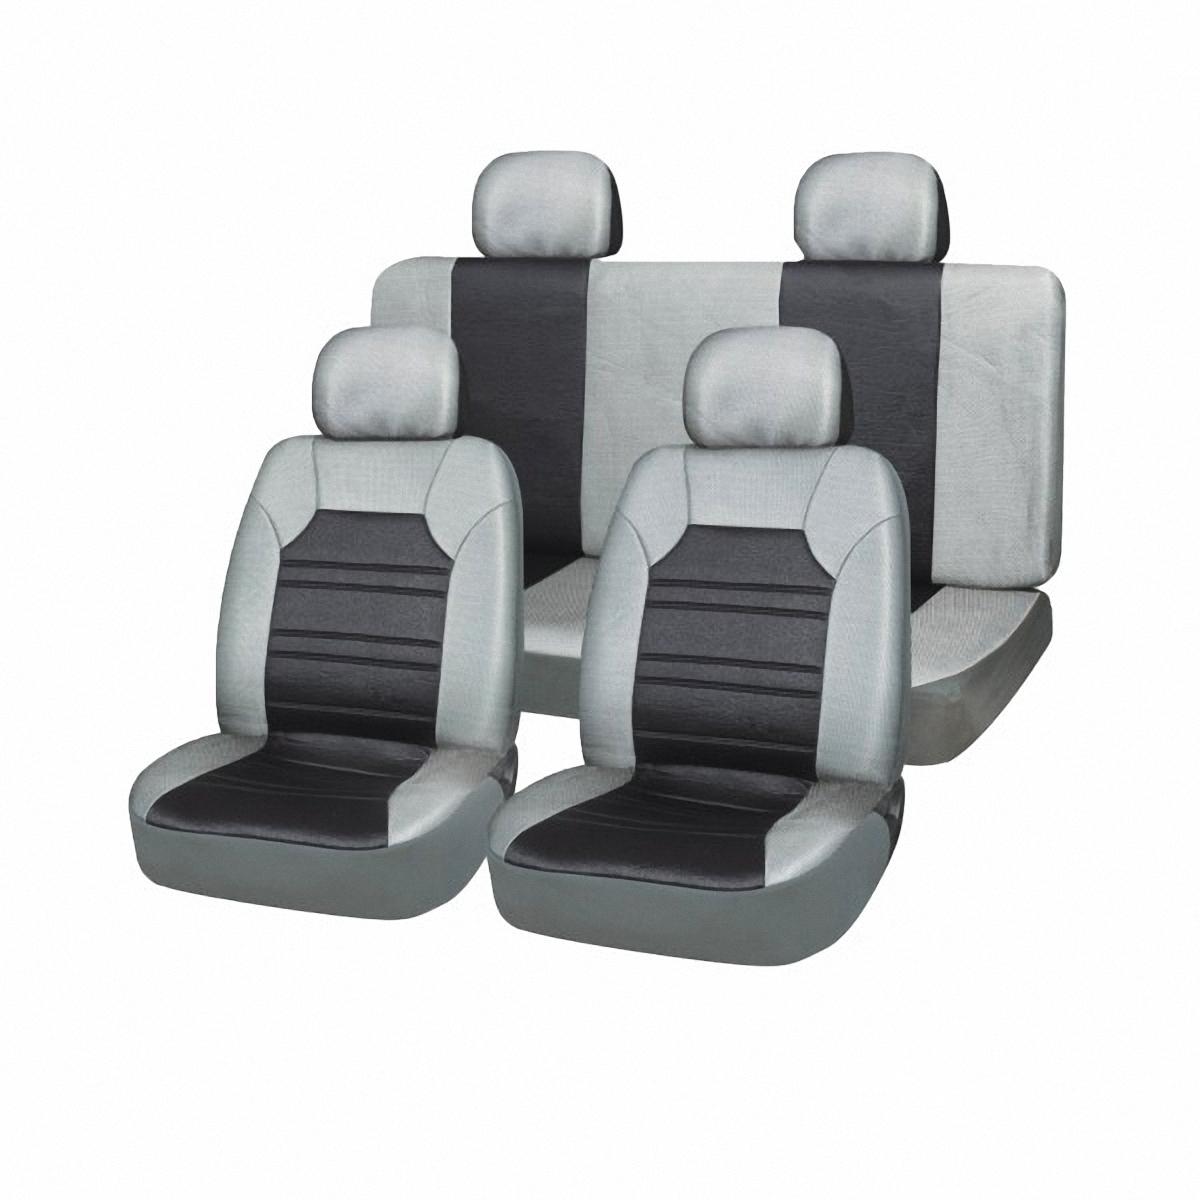 Чехлы автомобильные Skyway. SW-121033 BK/GY S/S01301027 чехол на сиденье skyway chevrolet cobalt седан ch2 2